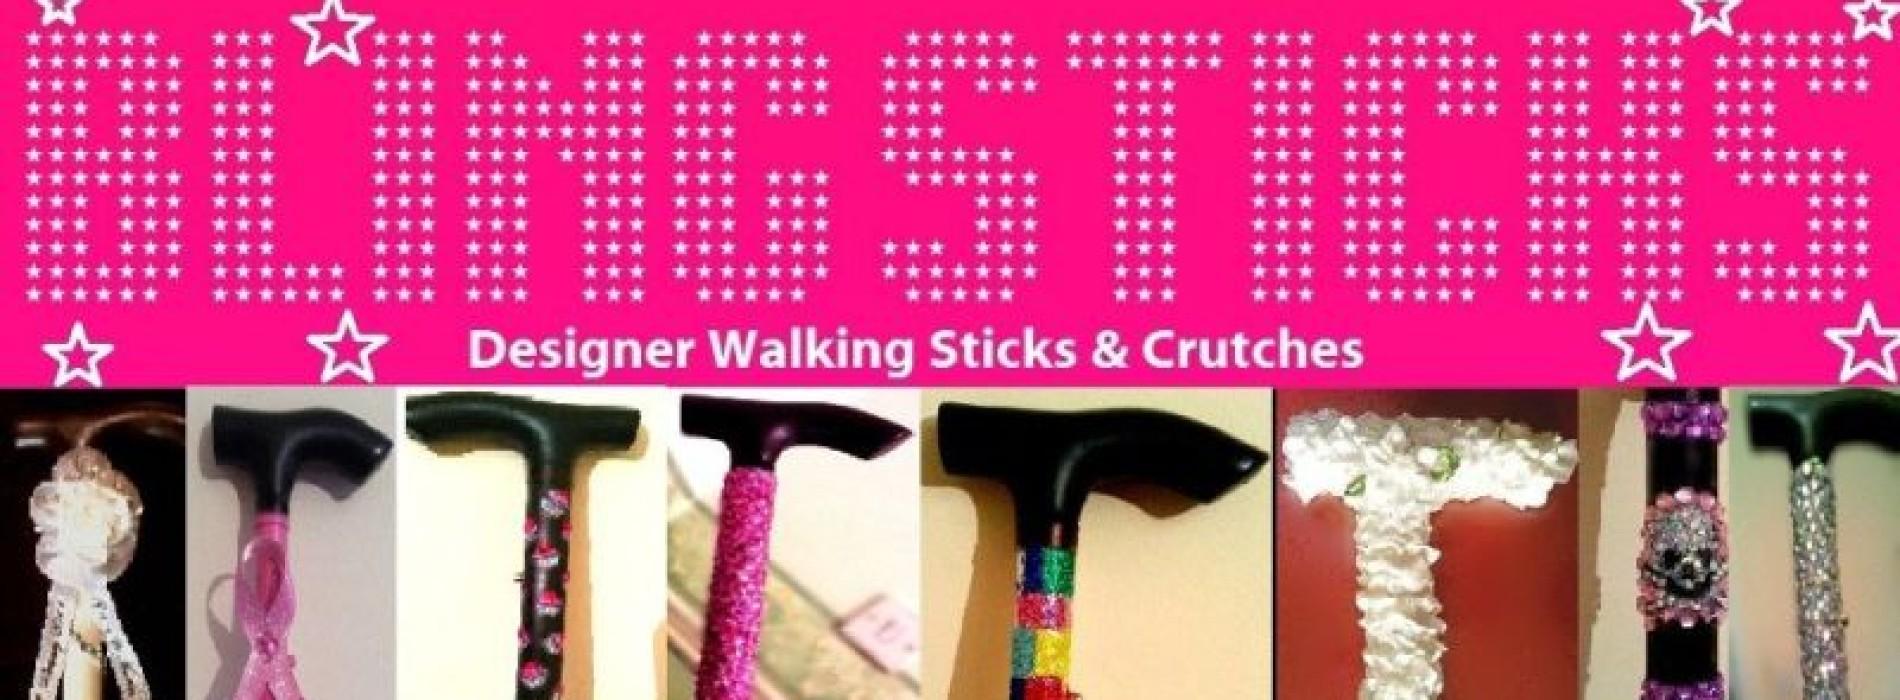 Blingsticks: designer walking sticks